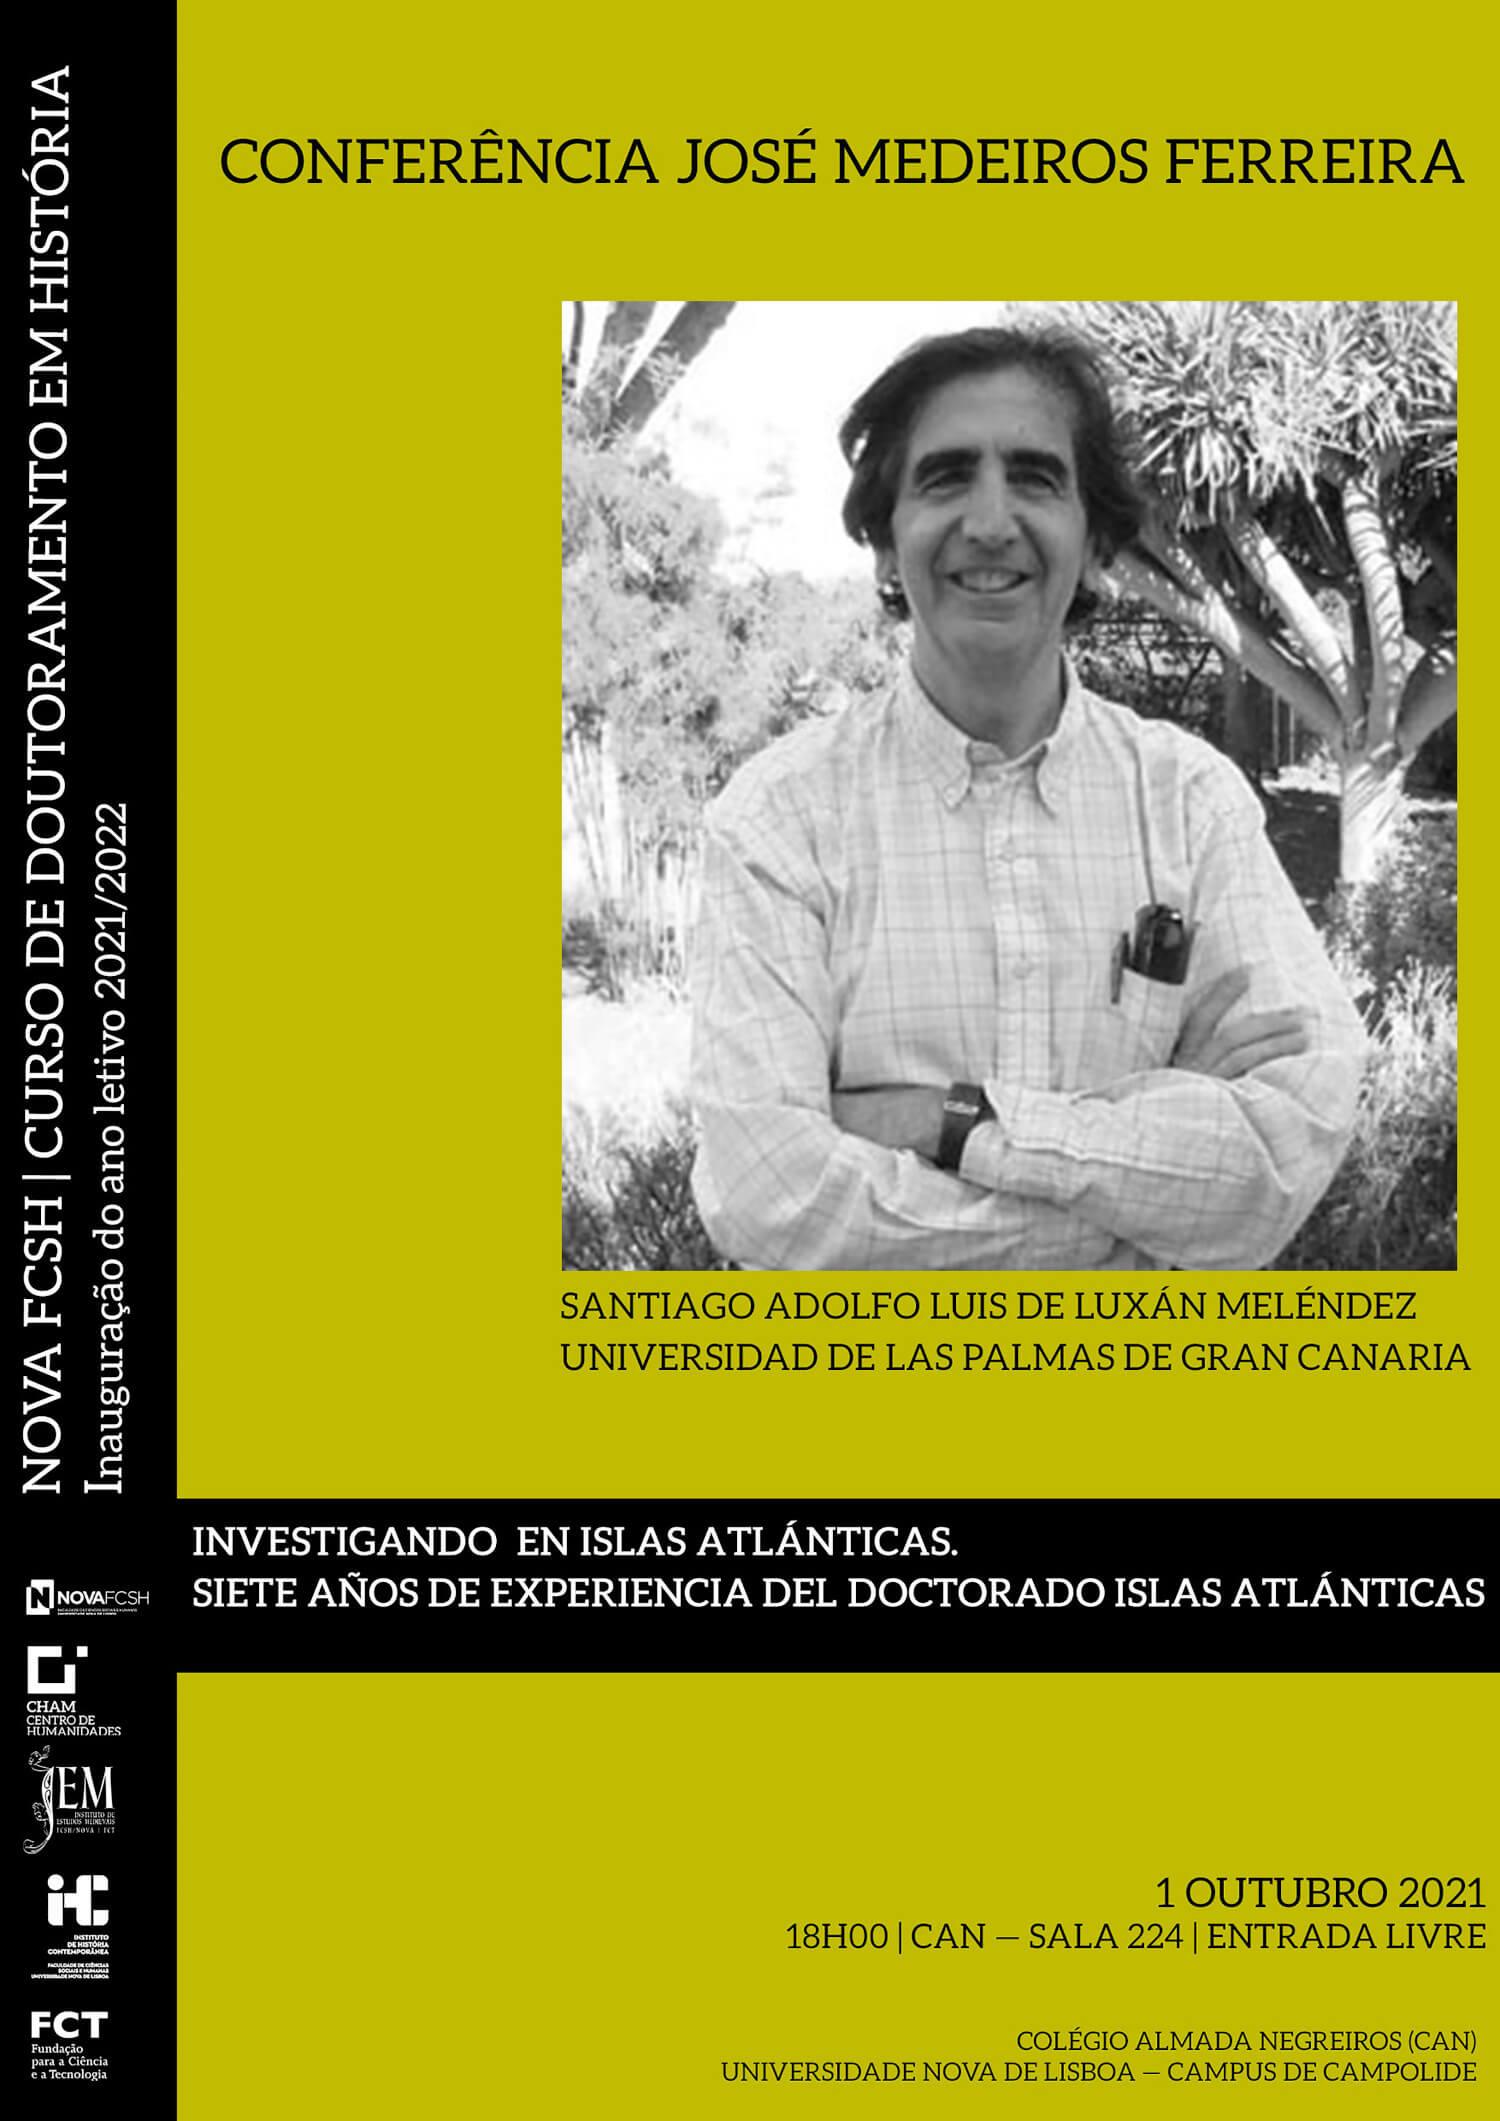 """Cartaz da conferência """"Investigando en Islas Atlánticas. Siete años de experiencia del Doctorado Islas Atlánticas"""""""